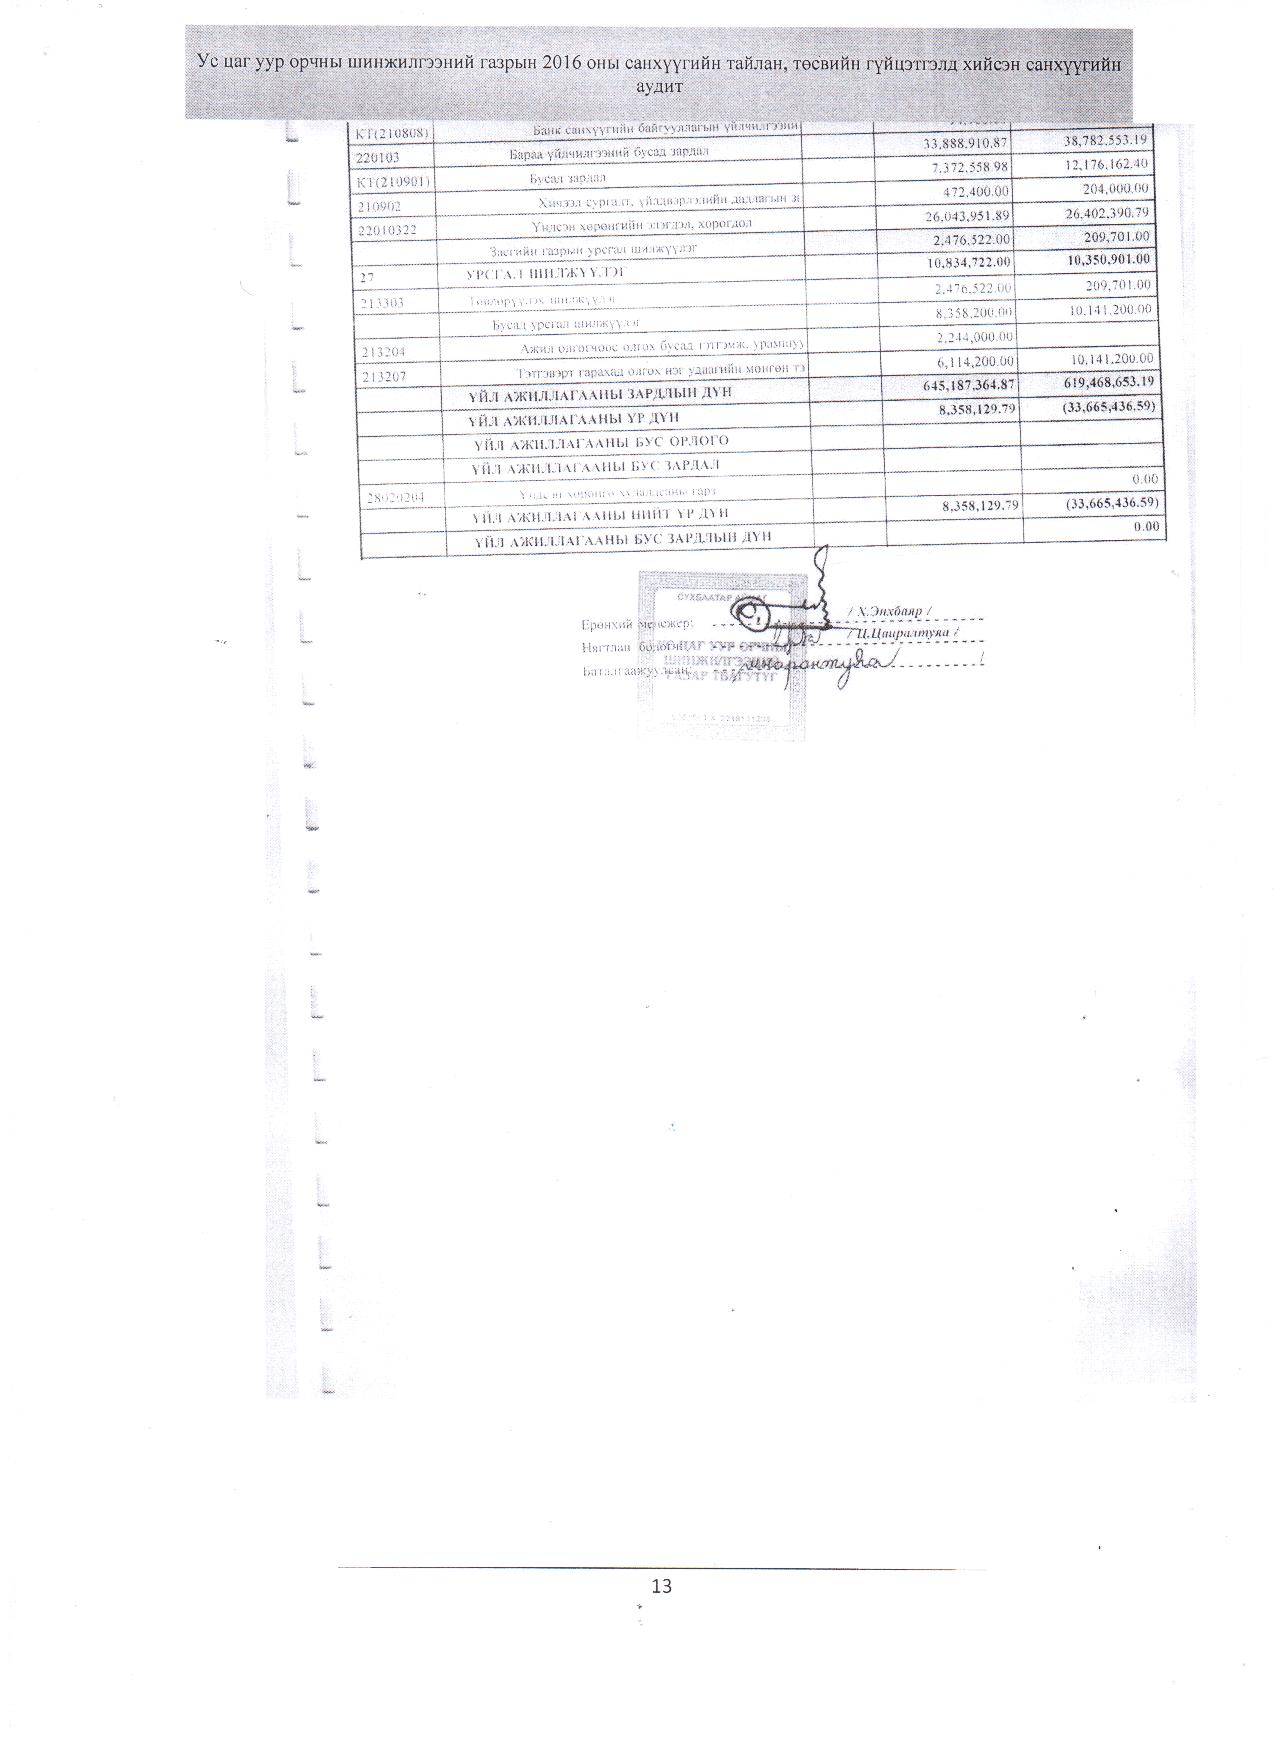 audit16